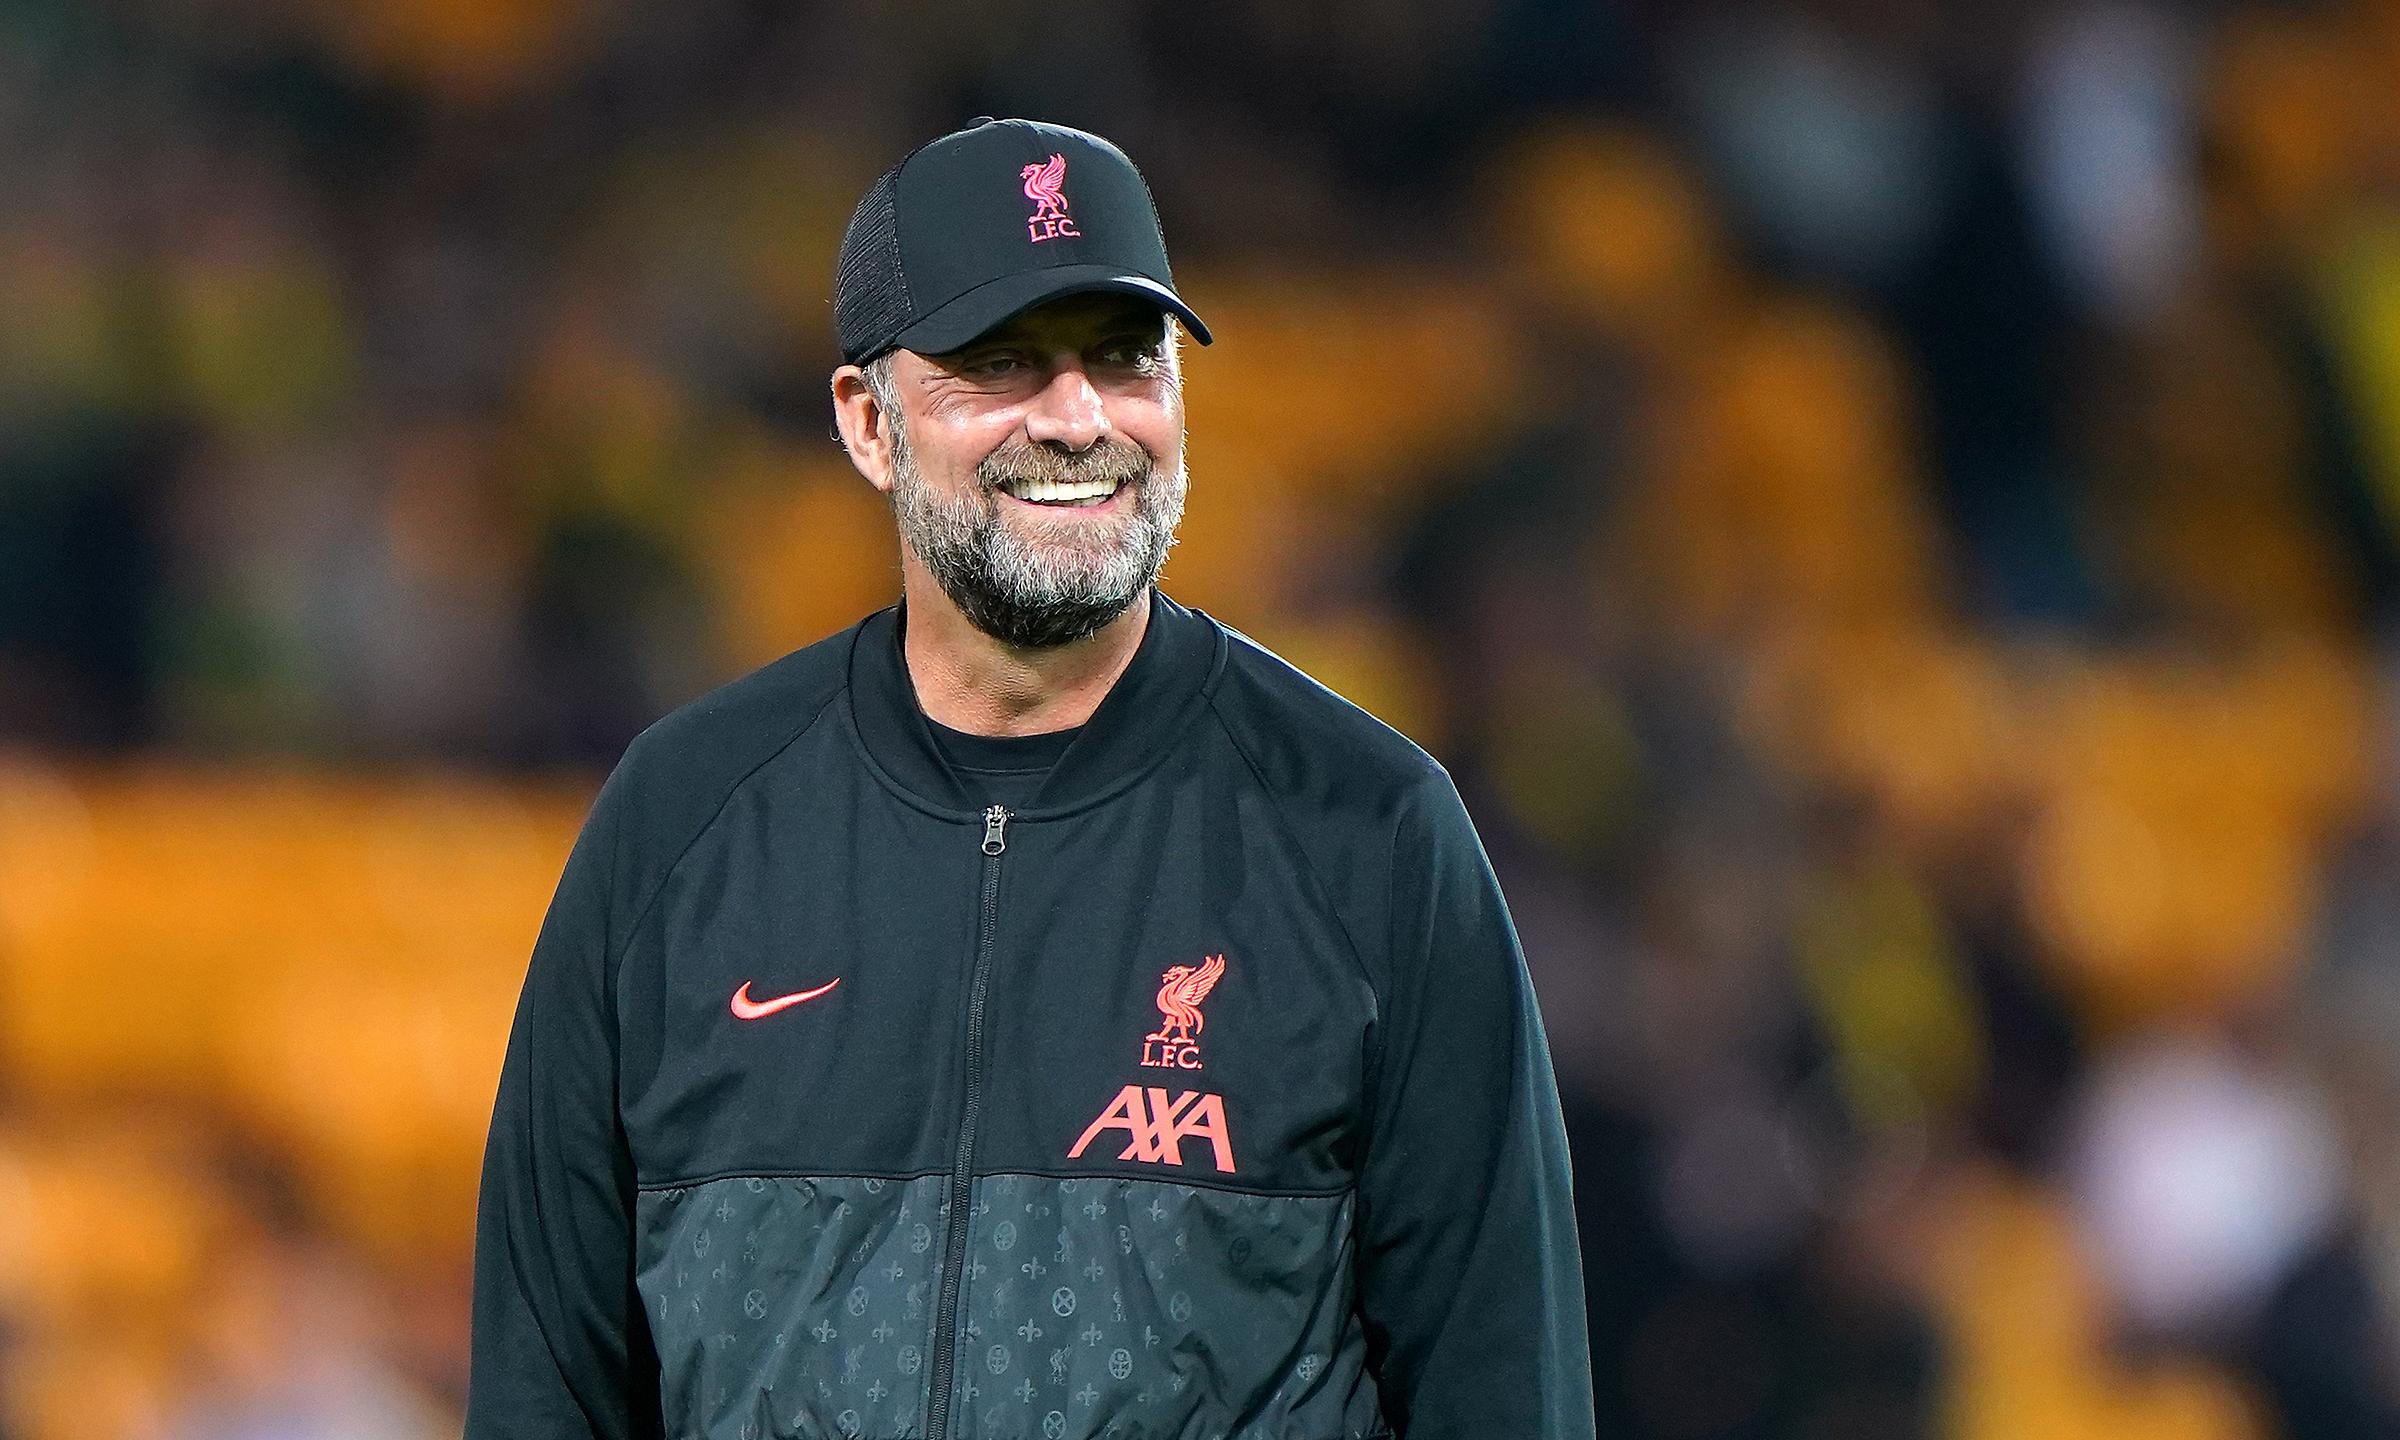 Klopp đánh giá cao Man City, nhưng vẫn muốn Liverpool giành trọn ba điểm khi tiếp kình địch tại Anfield ngày mai Chủ nhật 3/10. Trong 21 lần đối đầu, Klopp và Guardiola đều có mỗi người chín chiến thắng. Ảnh: PA